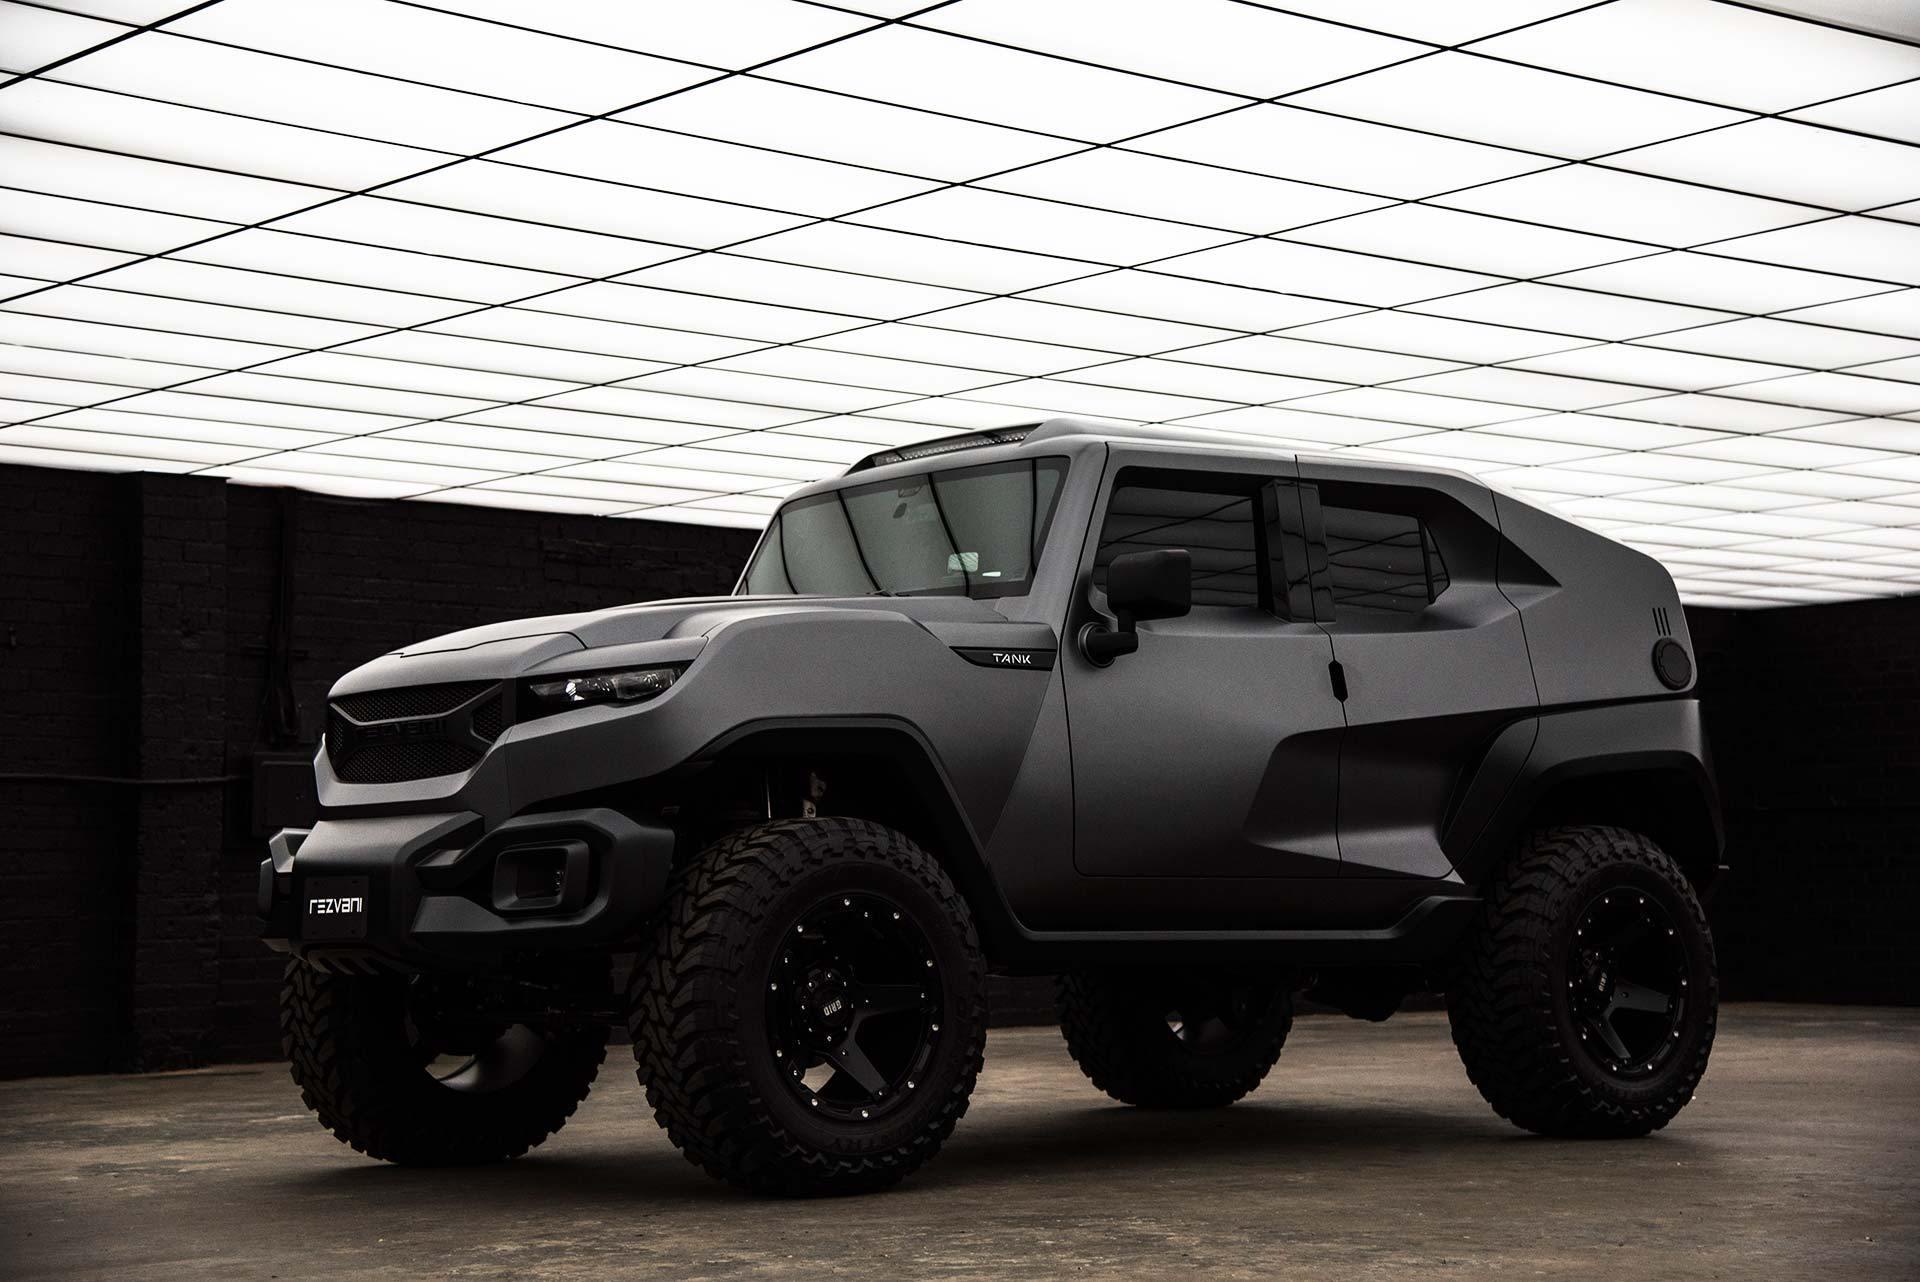 Rezvani сделает 500-сильный вседорожный автомобиль Tank